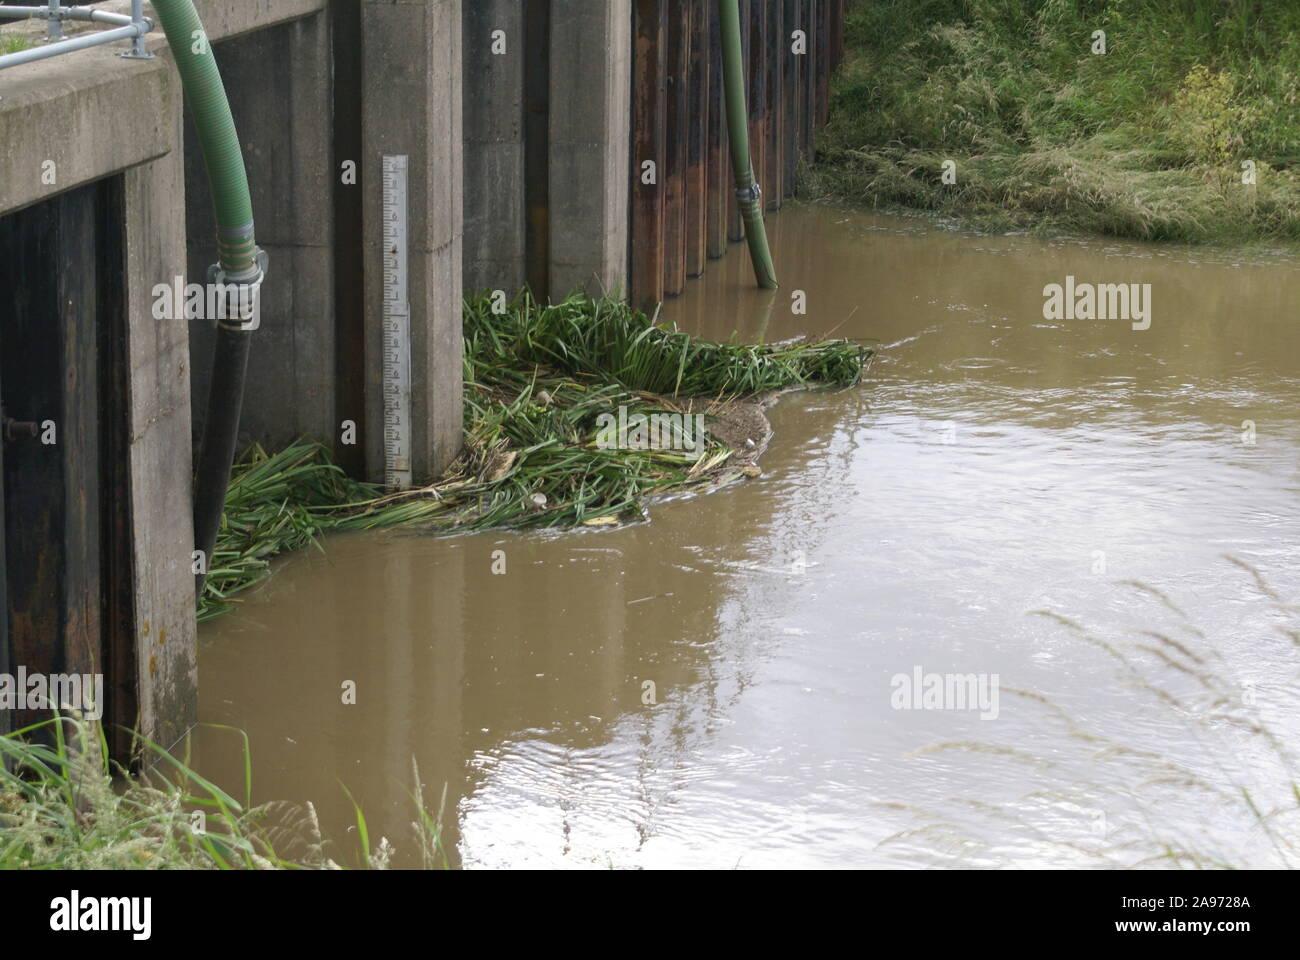 Flooding, sluice gates, South yorkshire Stock Photo